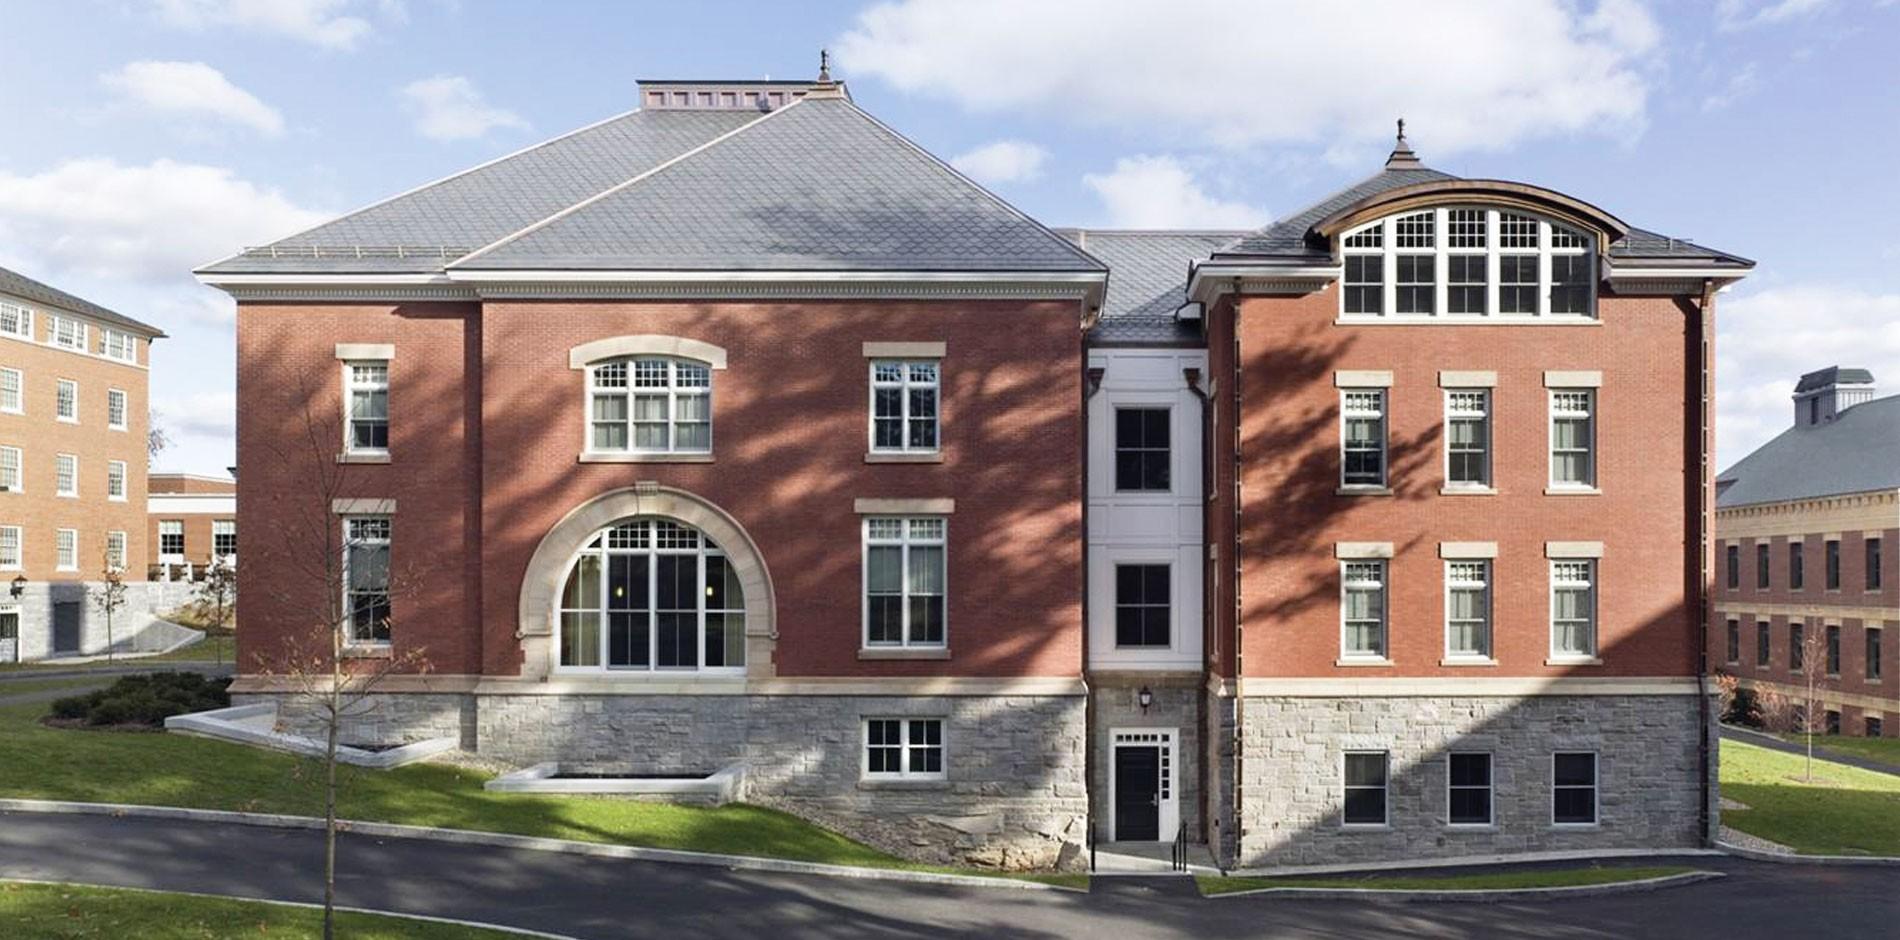 Charles Pratt Hall